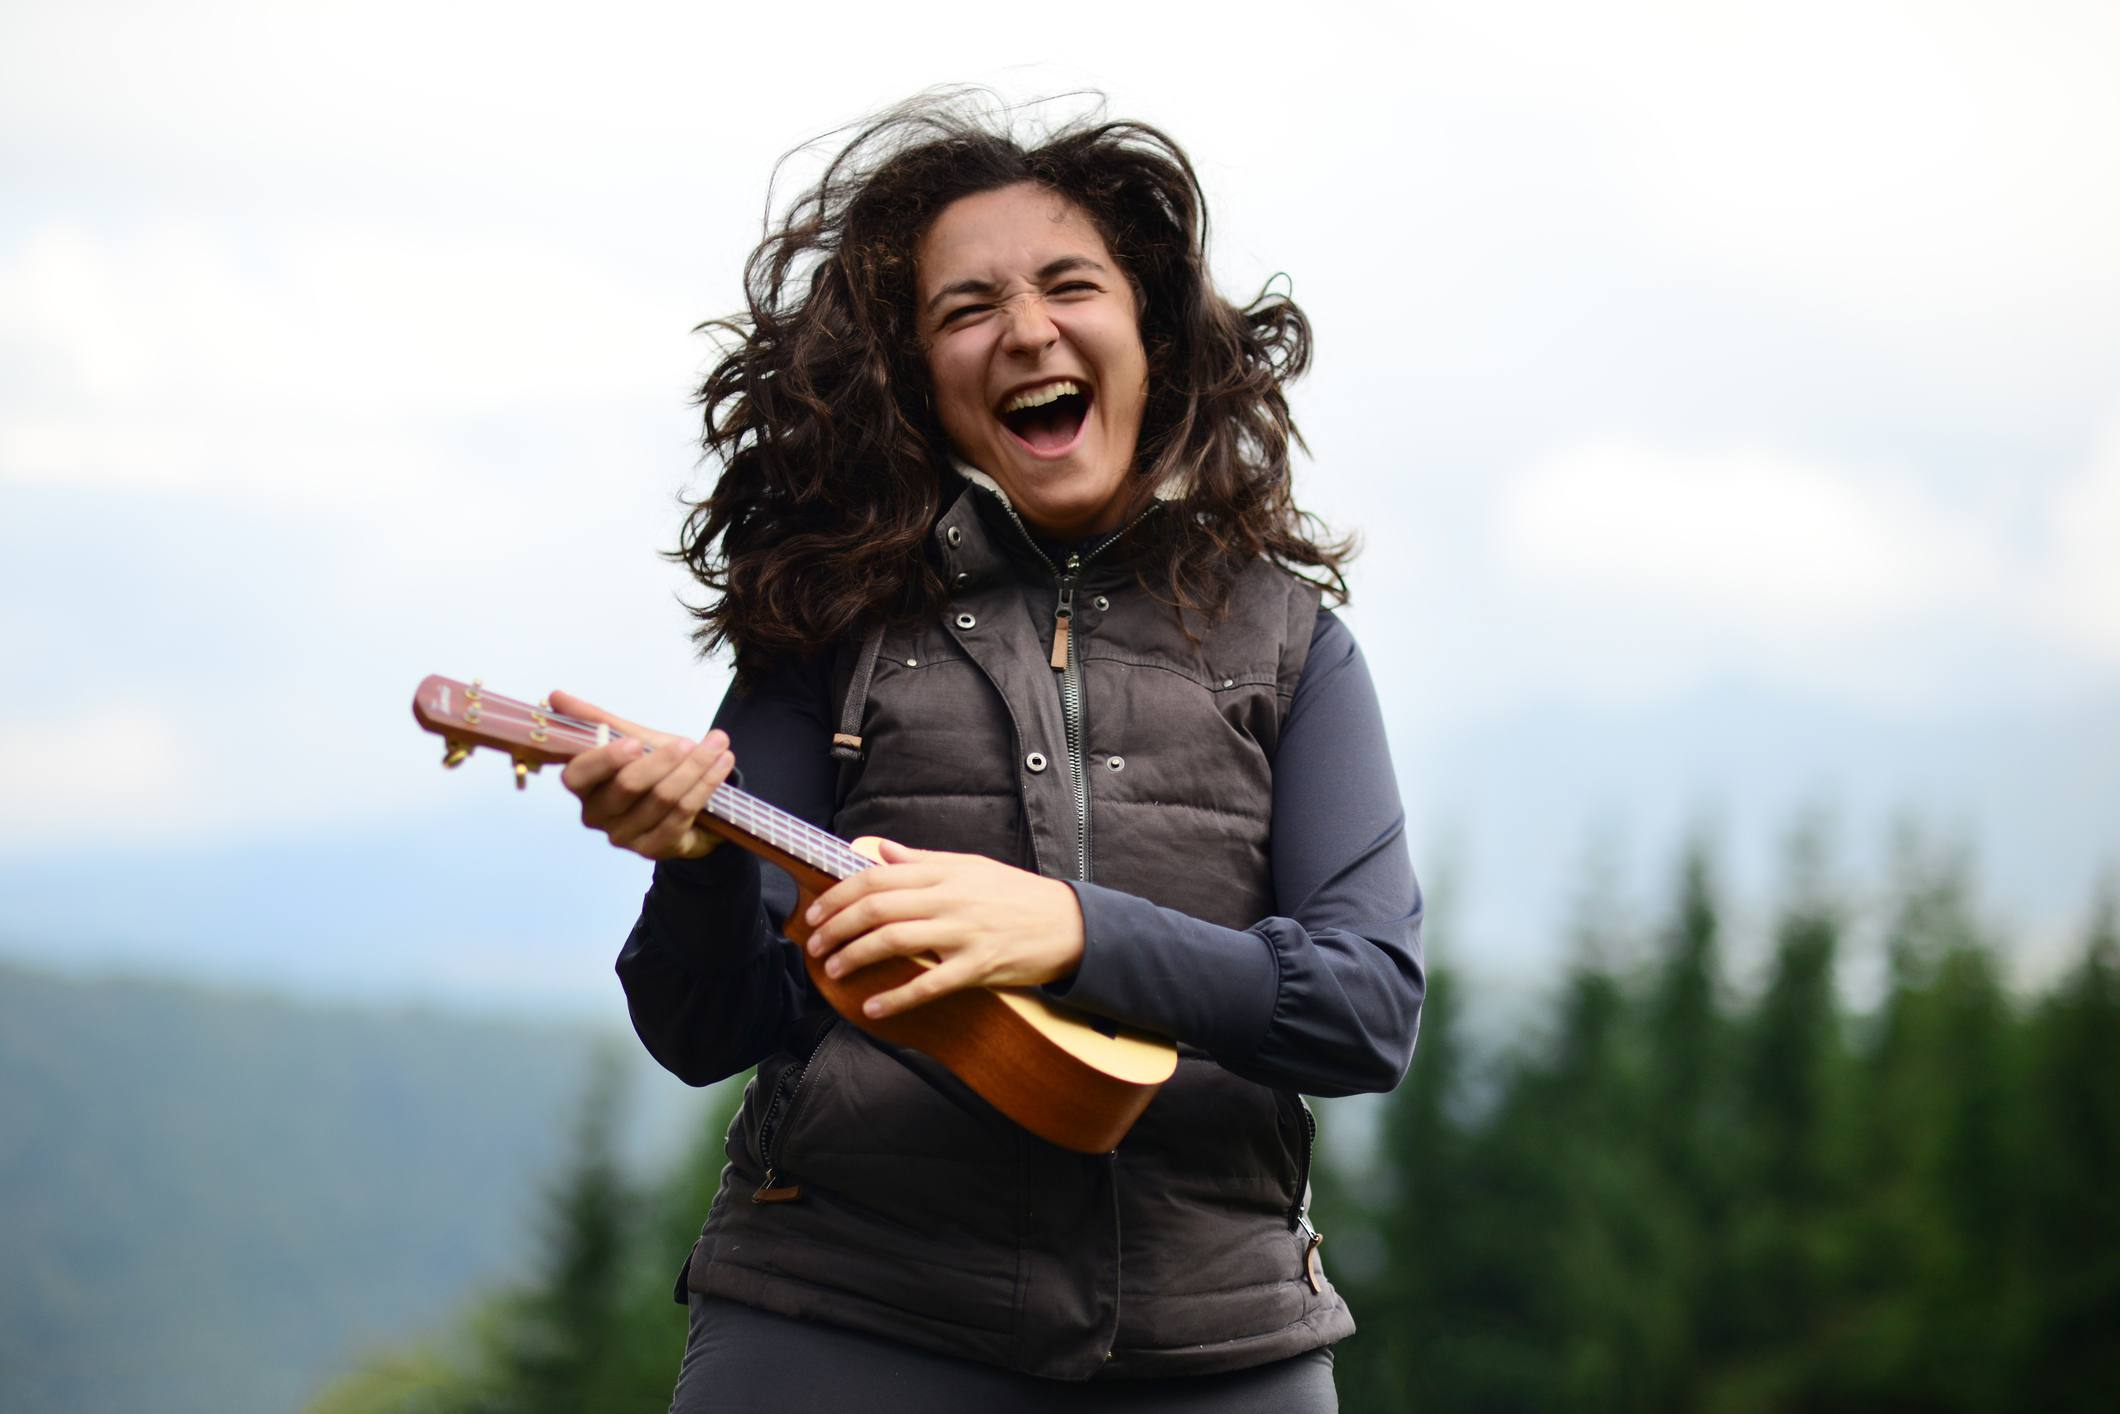 Woman rocking on a Ukulele